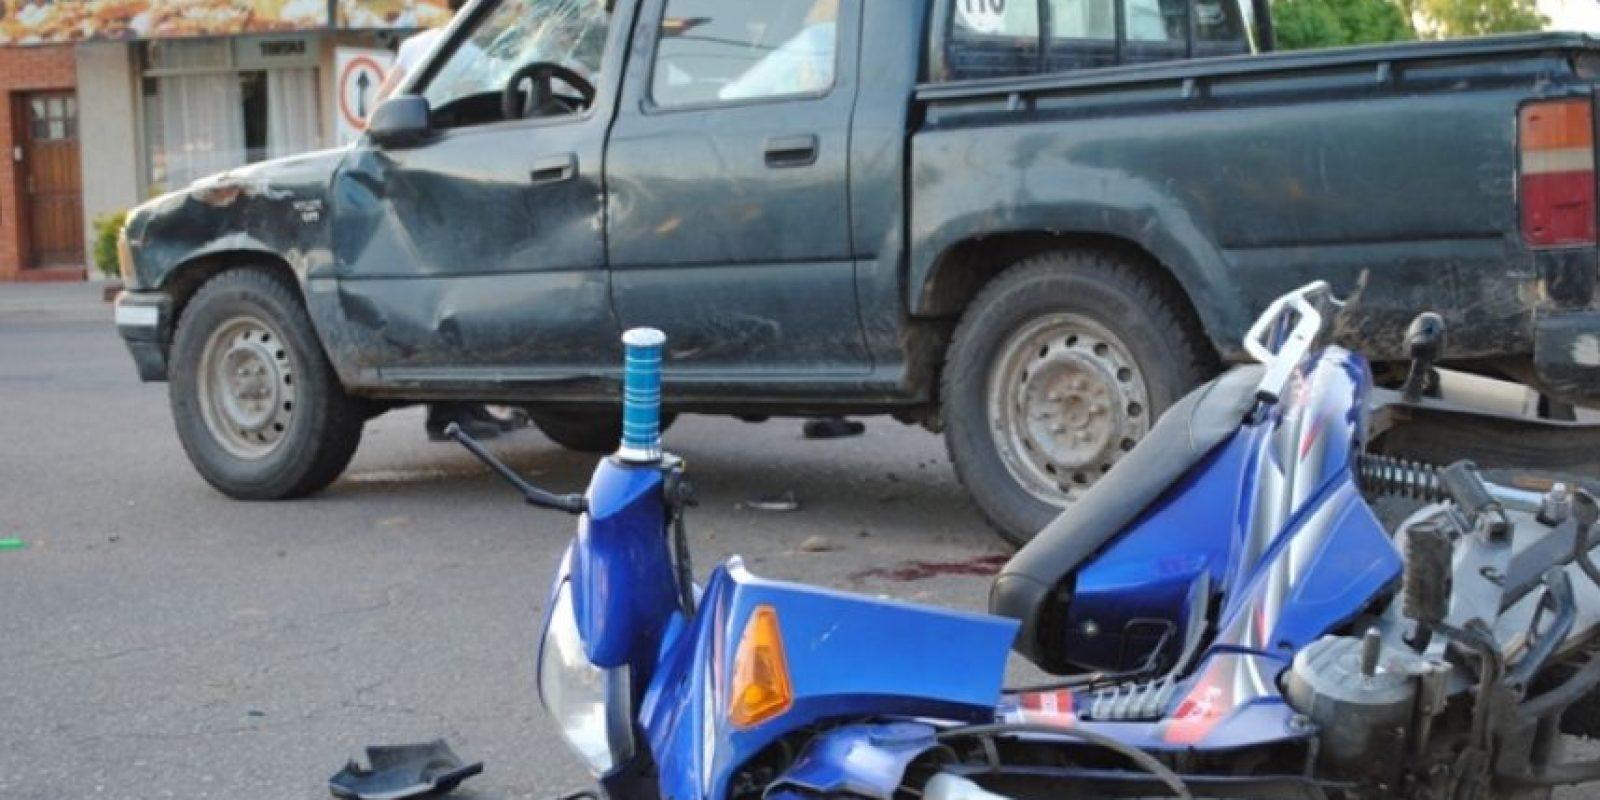 Los hechos sucedieron en la localidad bonarense de Glew en Argentina. Foto:Pinterest